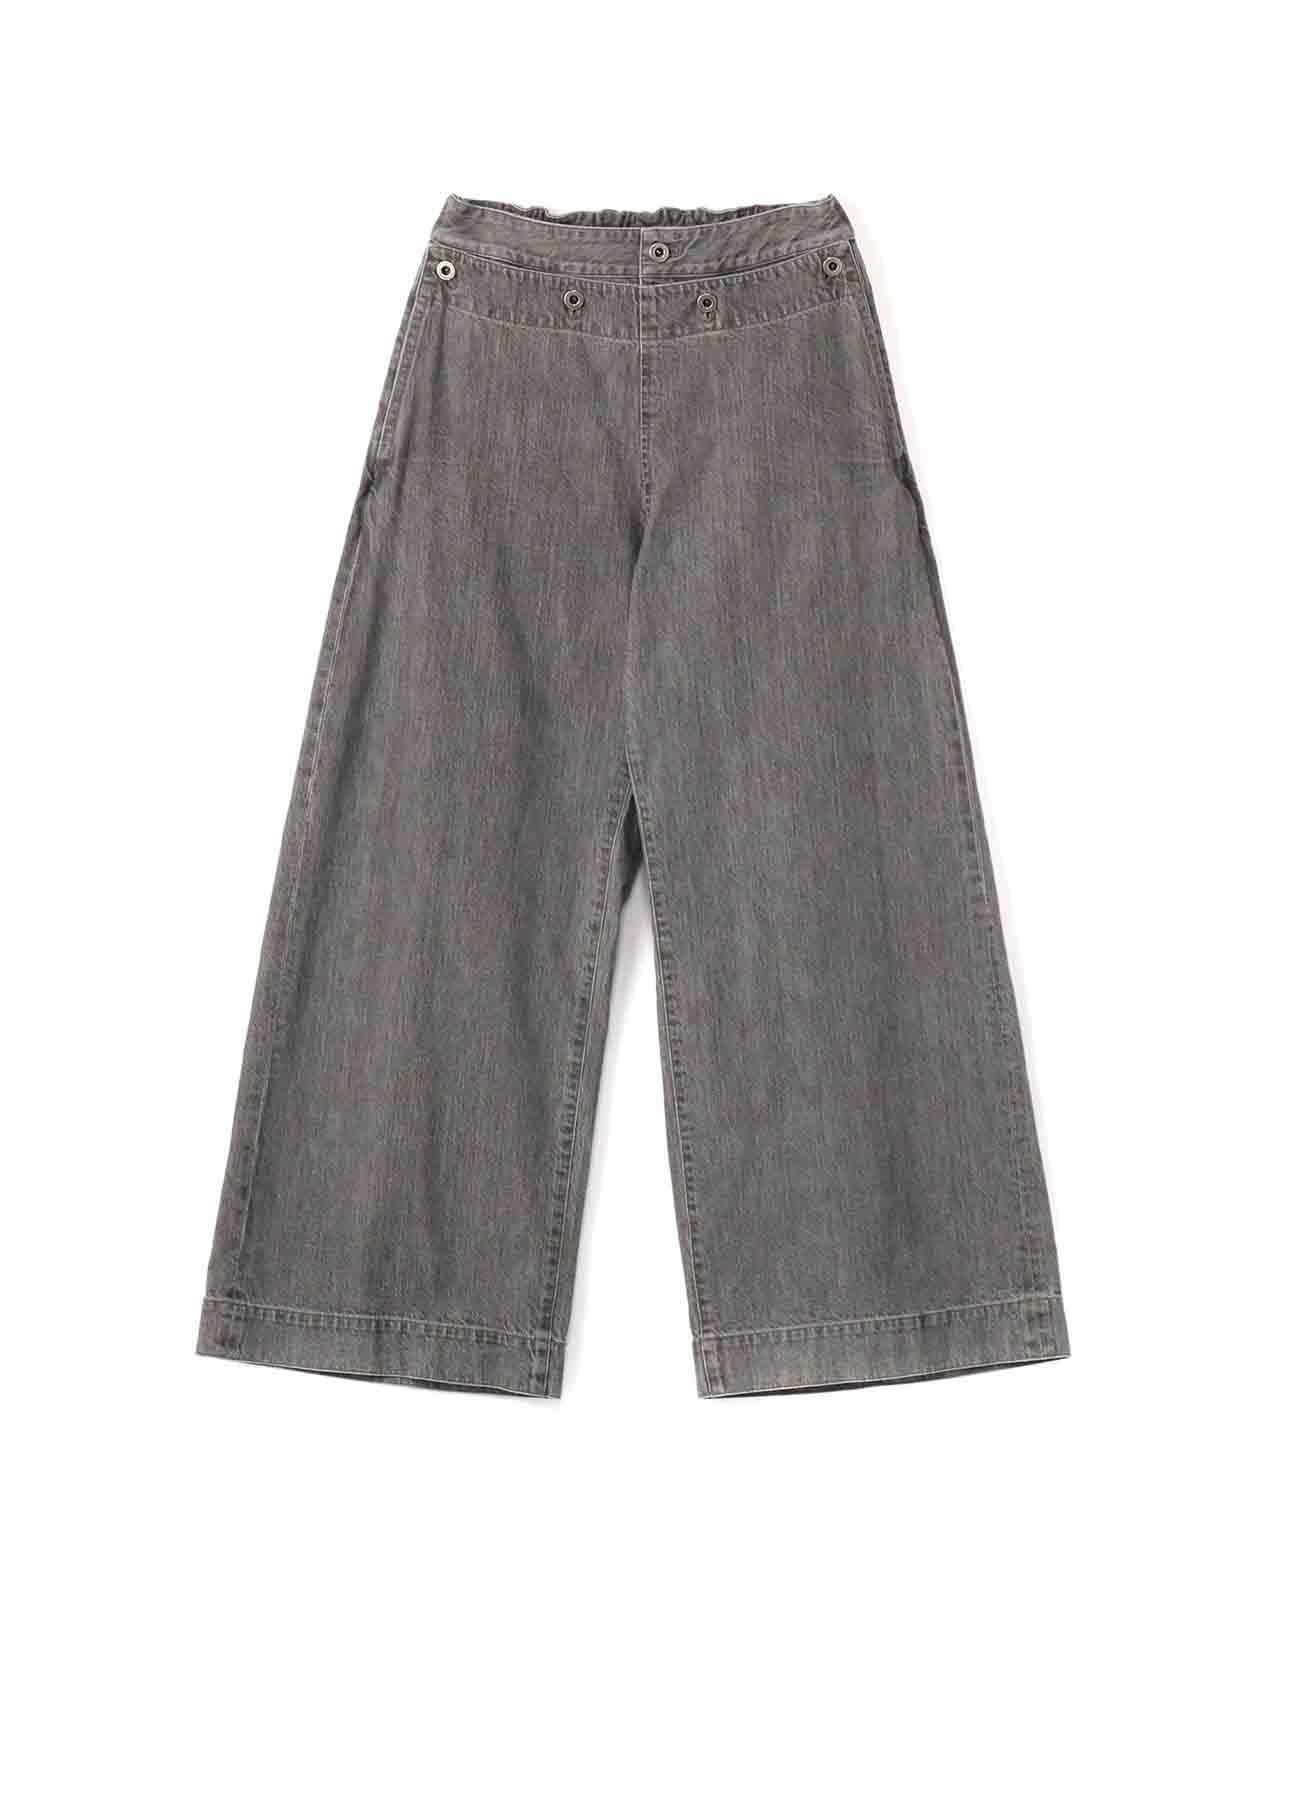 Grey Denim Marine Pants